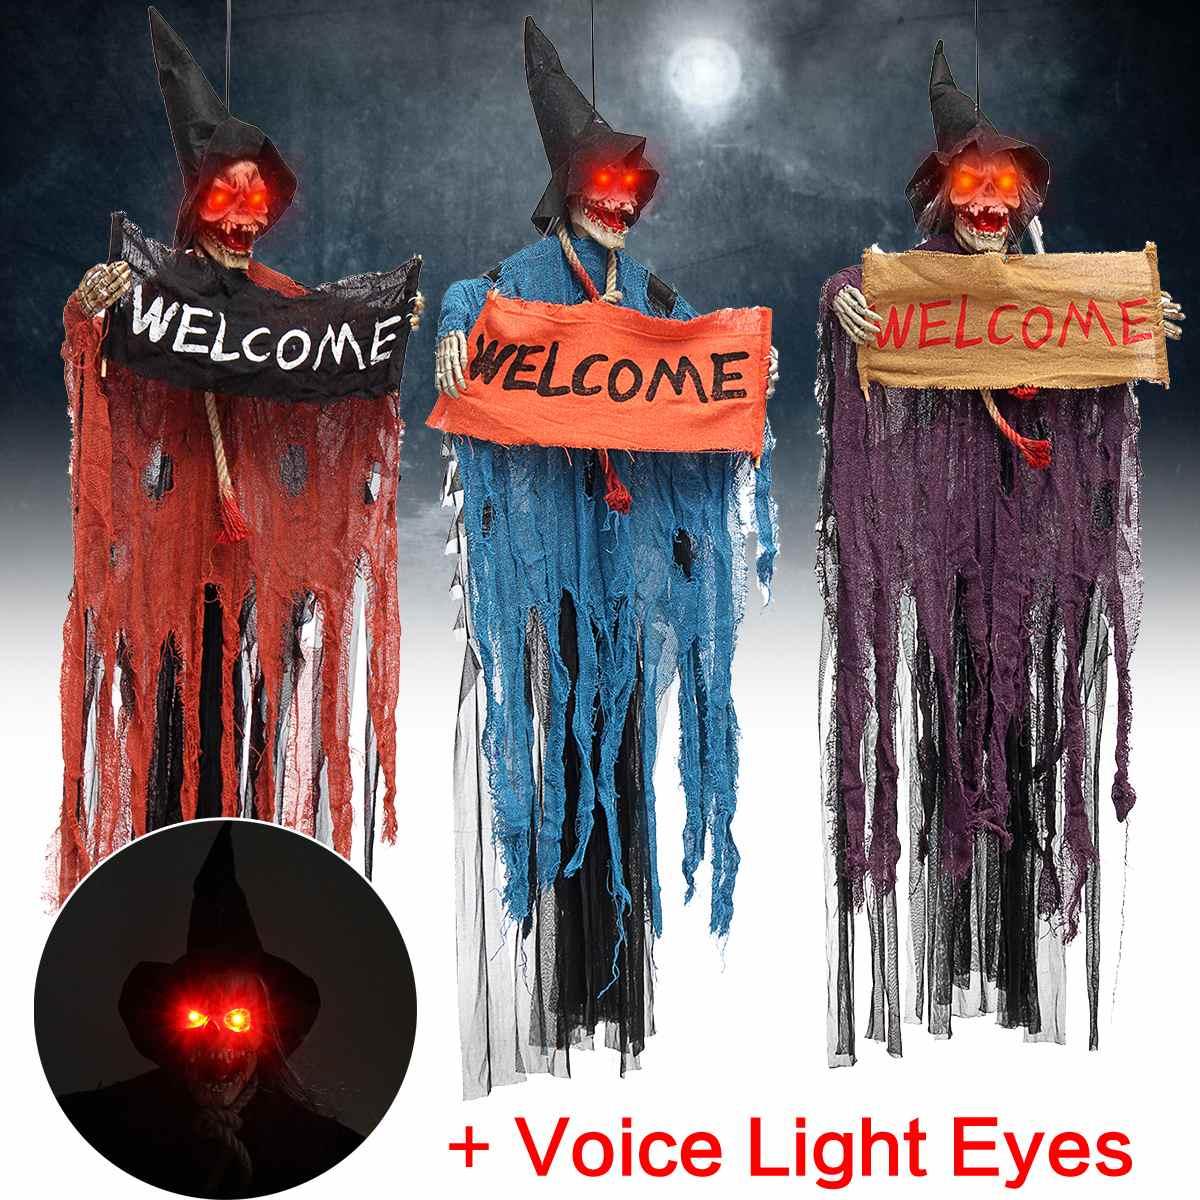 Accesorio de Halloween, colgante eléctrico de voz, esqueleto del cráneo fantasma, señal de bienvenida, accesorios de Horror para Escape de Halloween, decoración de Casa Encantada